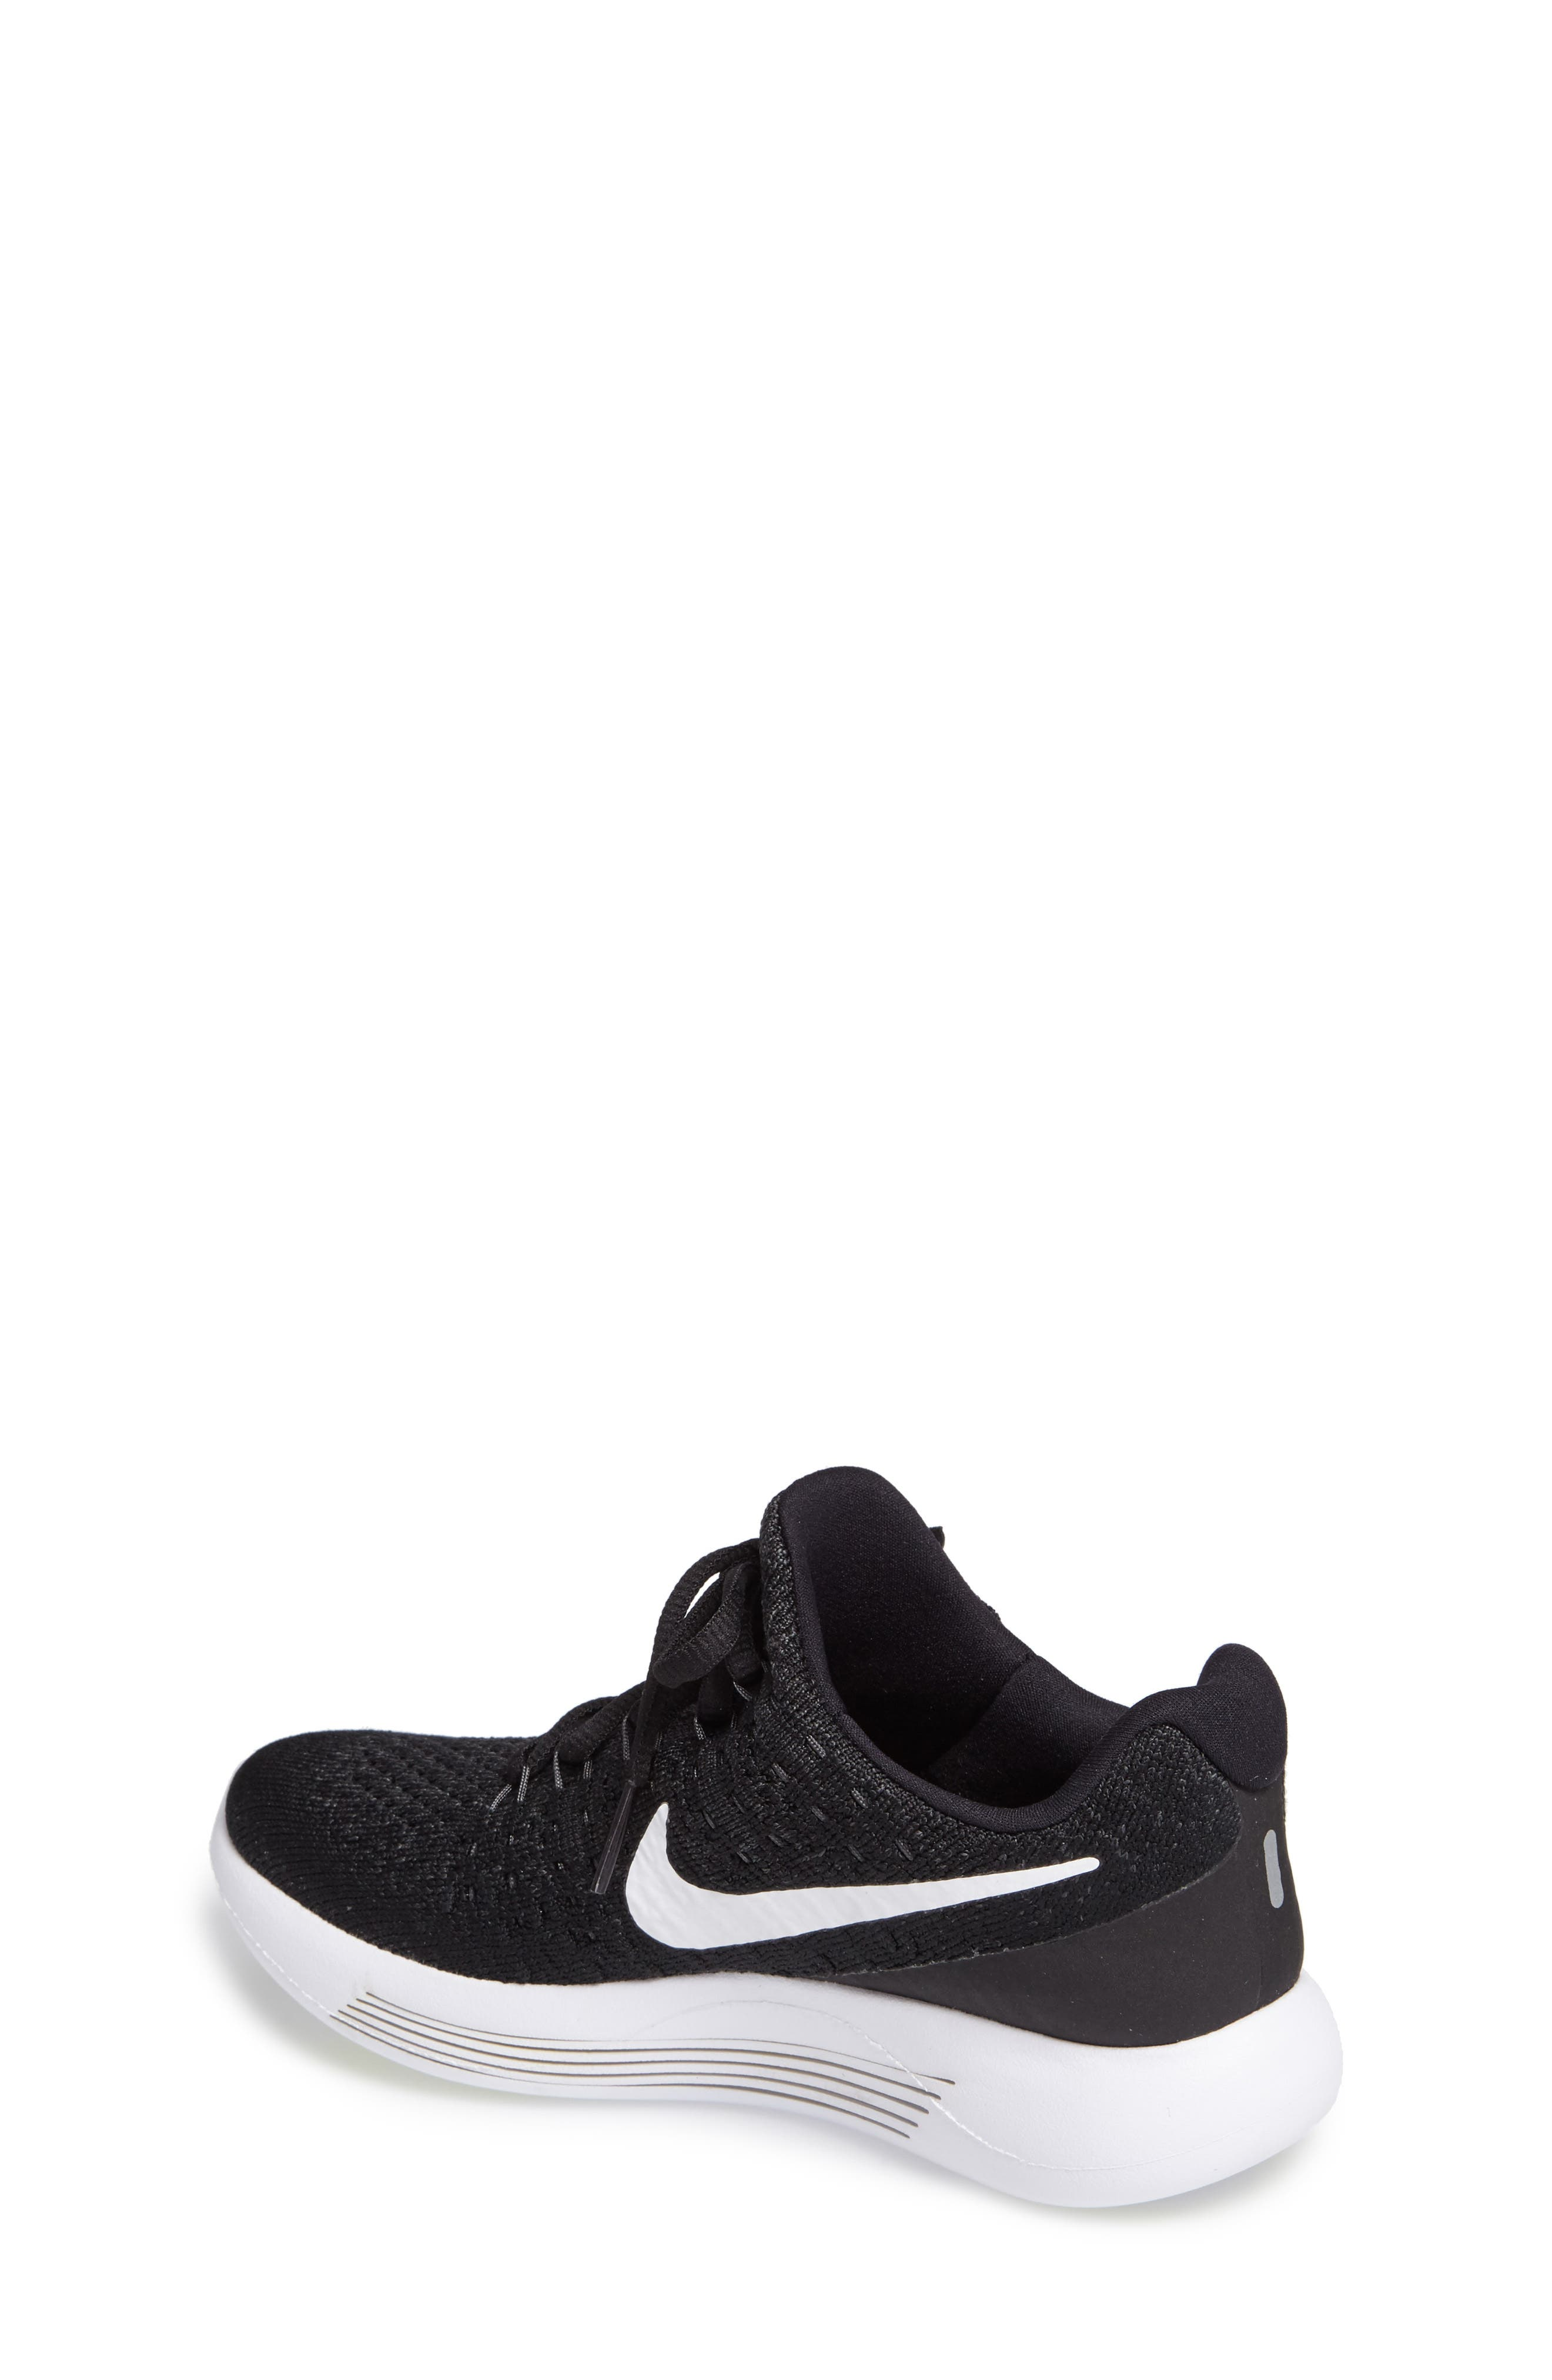 Flyknit LunarEpic Sneaker,                             Alternate thumbnail 2, color,                             001